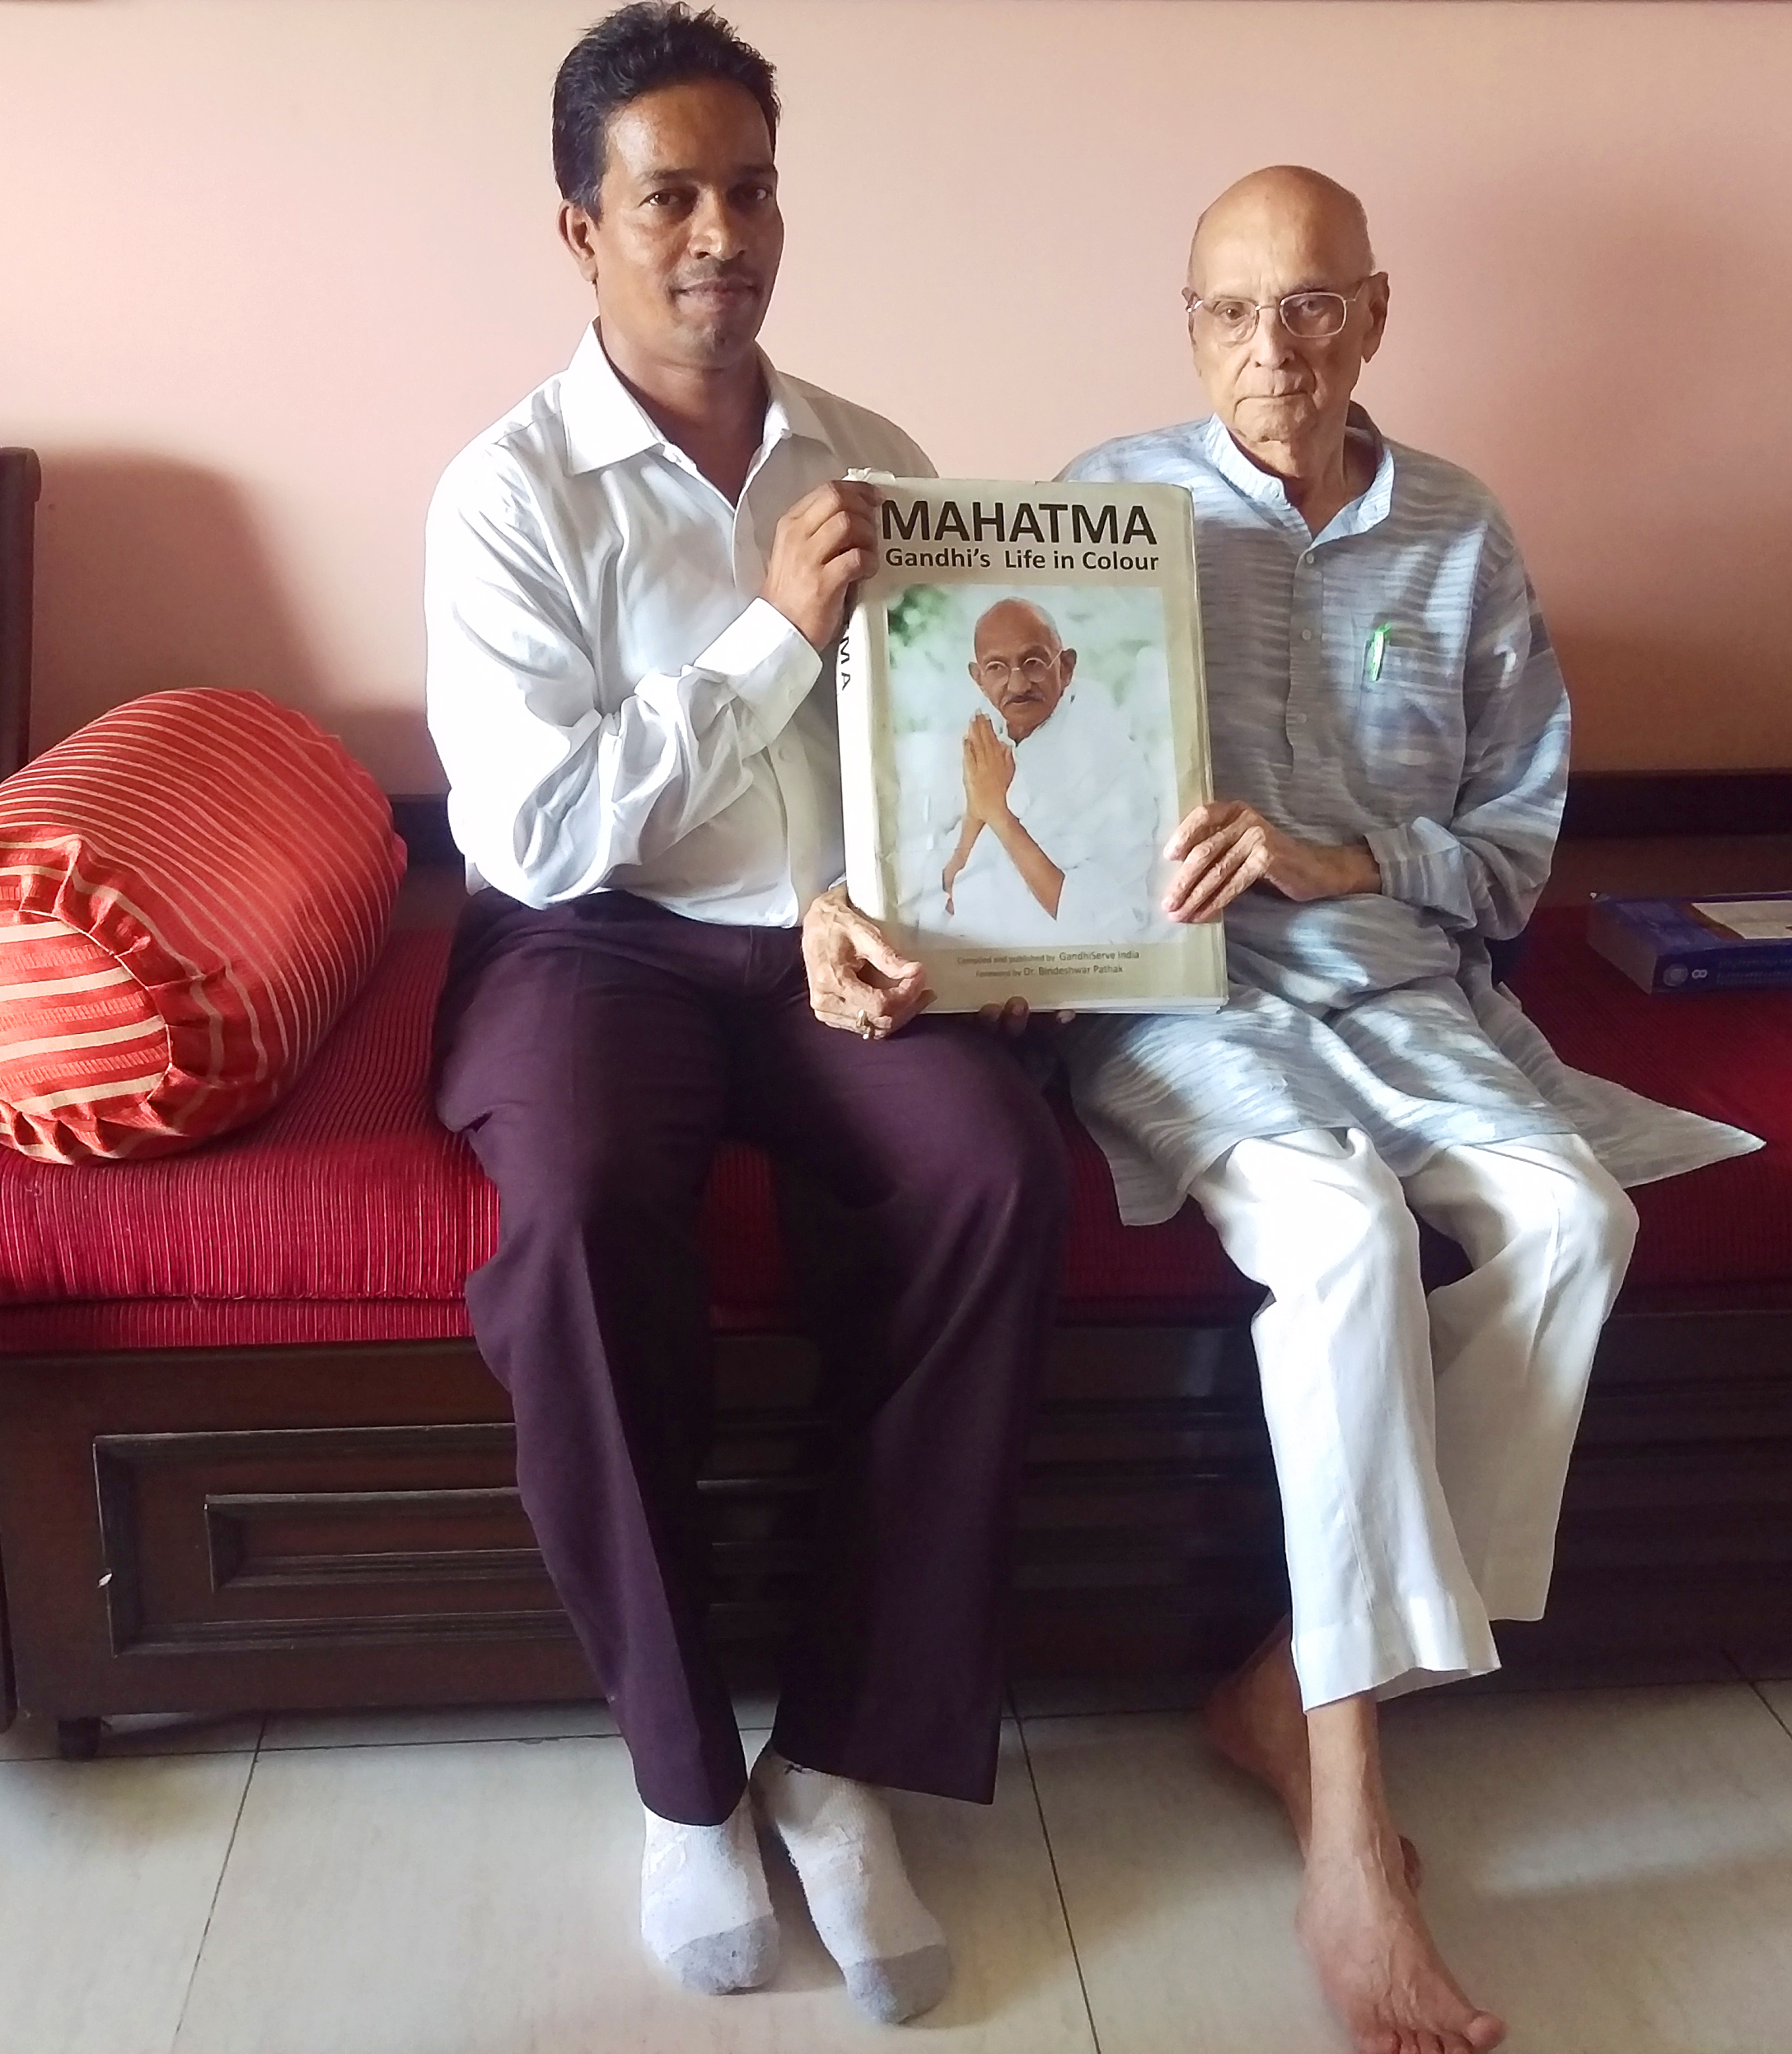 Jayan Mitra and Chandrashekhar Dharmadikari